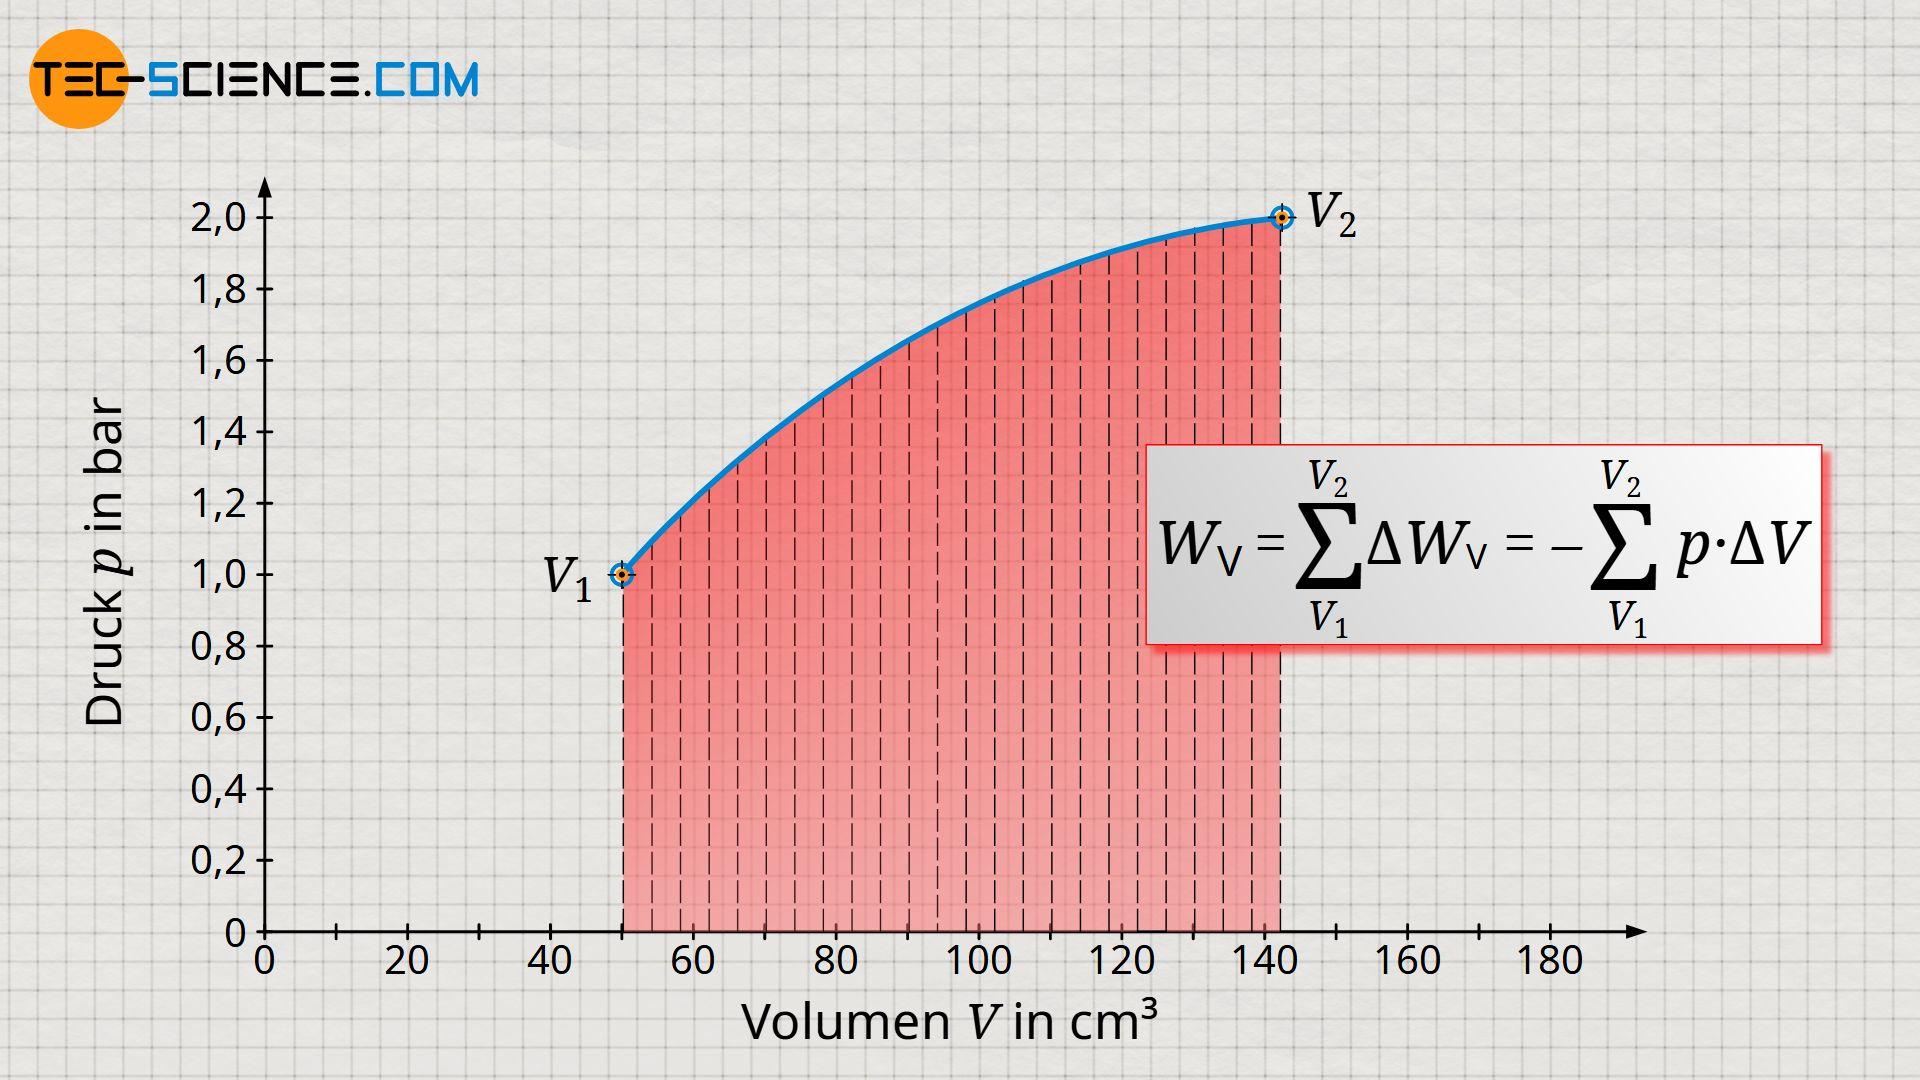 Aufsummierung der infinitesimalen Volumenarbeiten zur gesamten Volumenänderungsarbeit